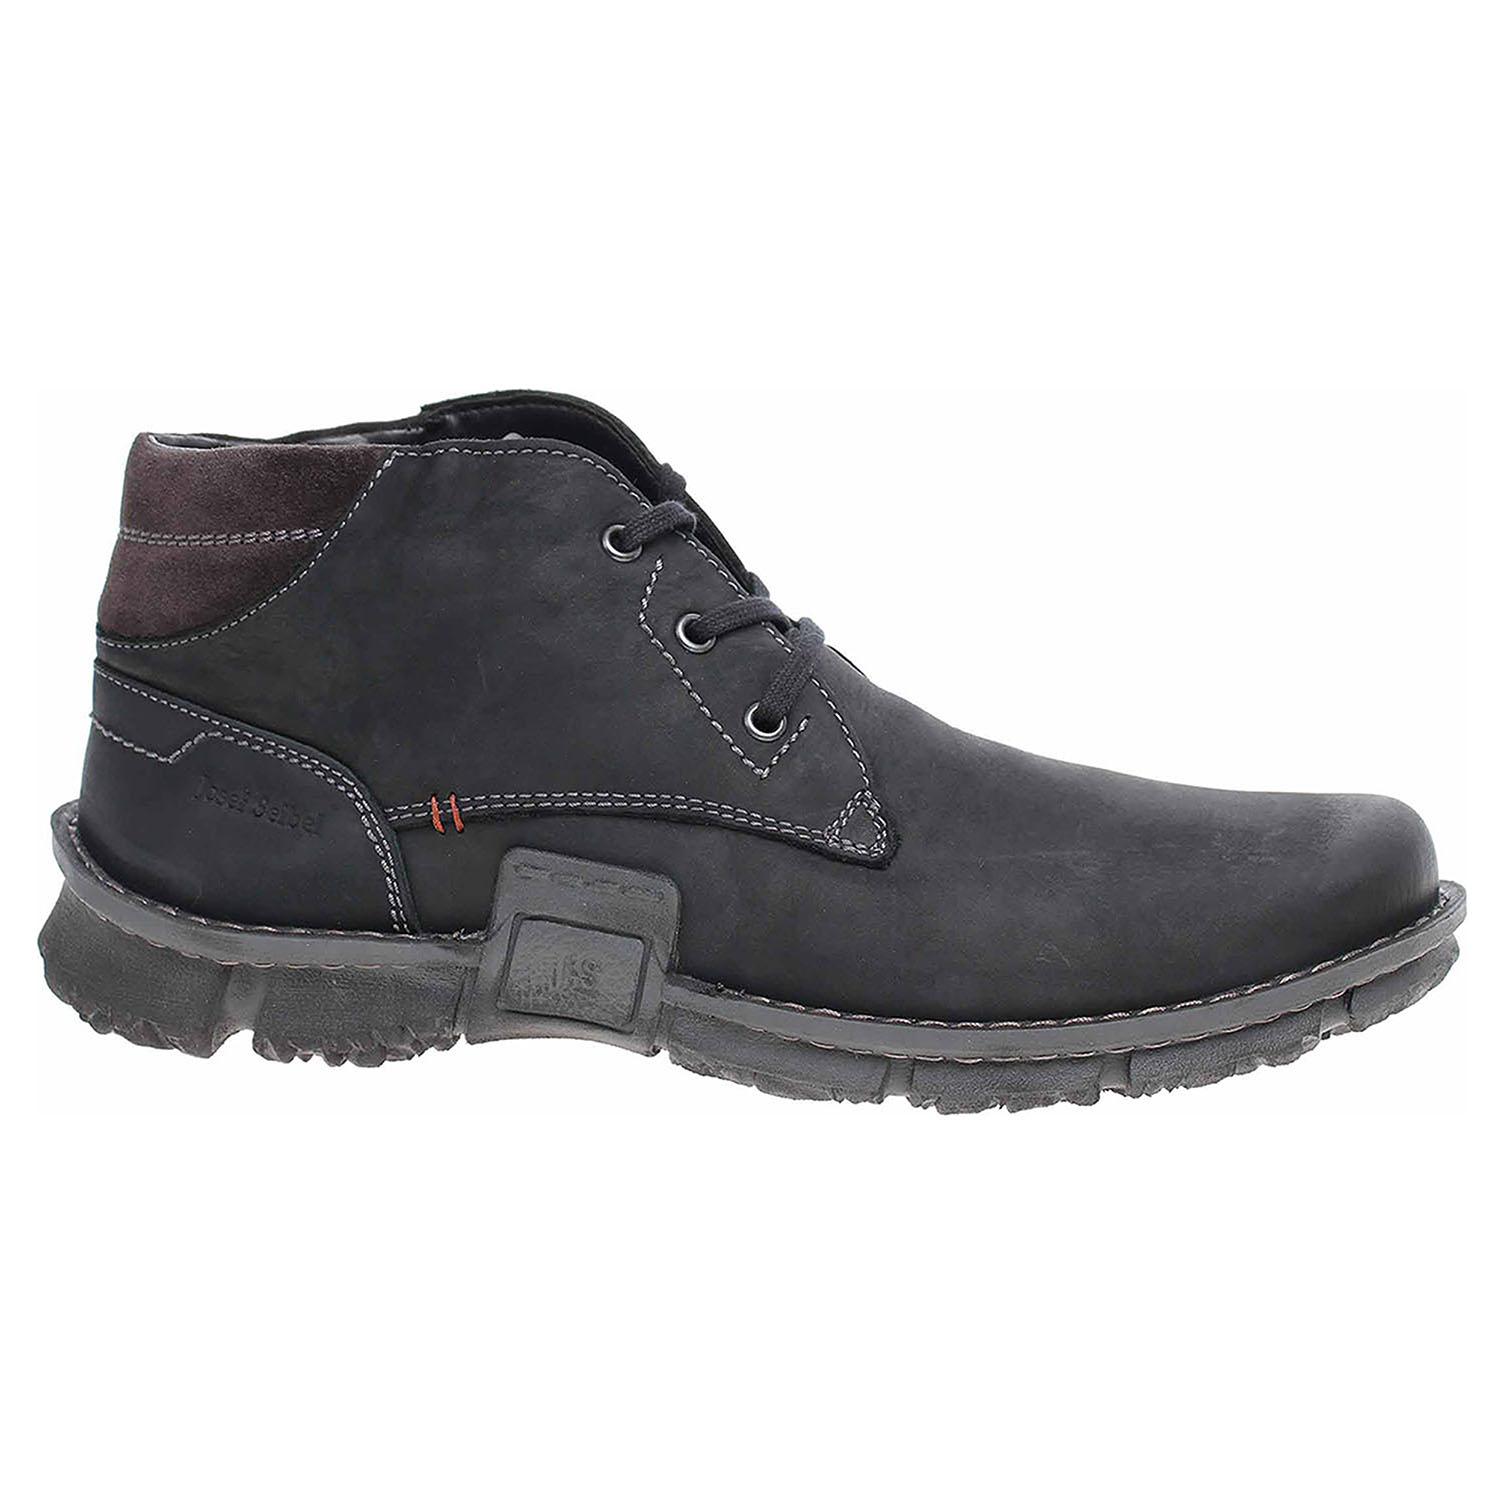 Pánská kotníková obuv Josef Seibel 14147 PL994101 schwarz-kombi 14147 PL994101 41